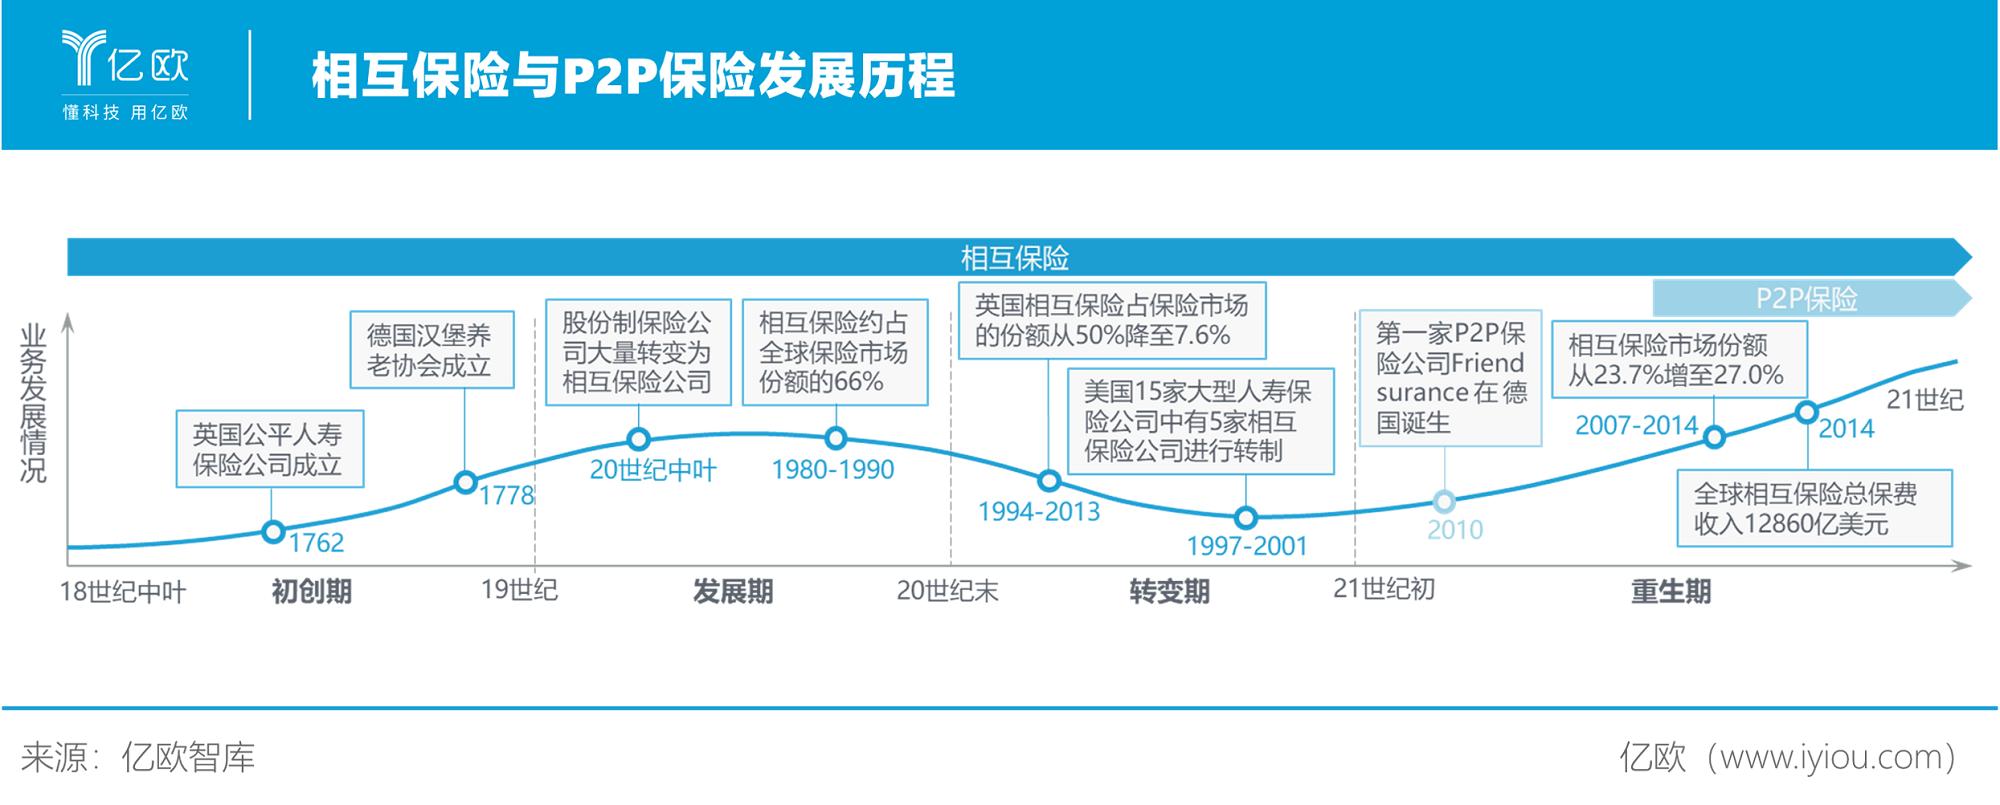 必赢亚州366net智库:相互保险与P2P保险发展历程